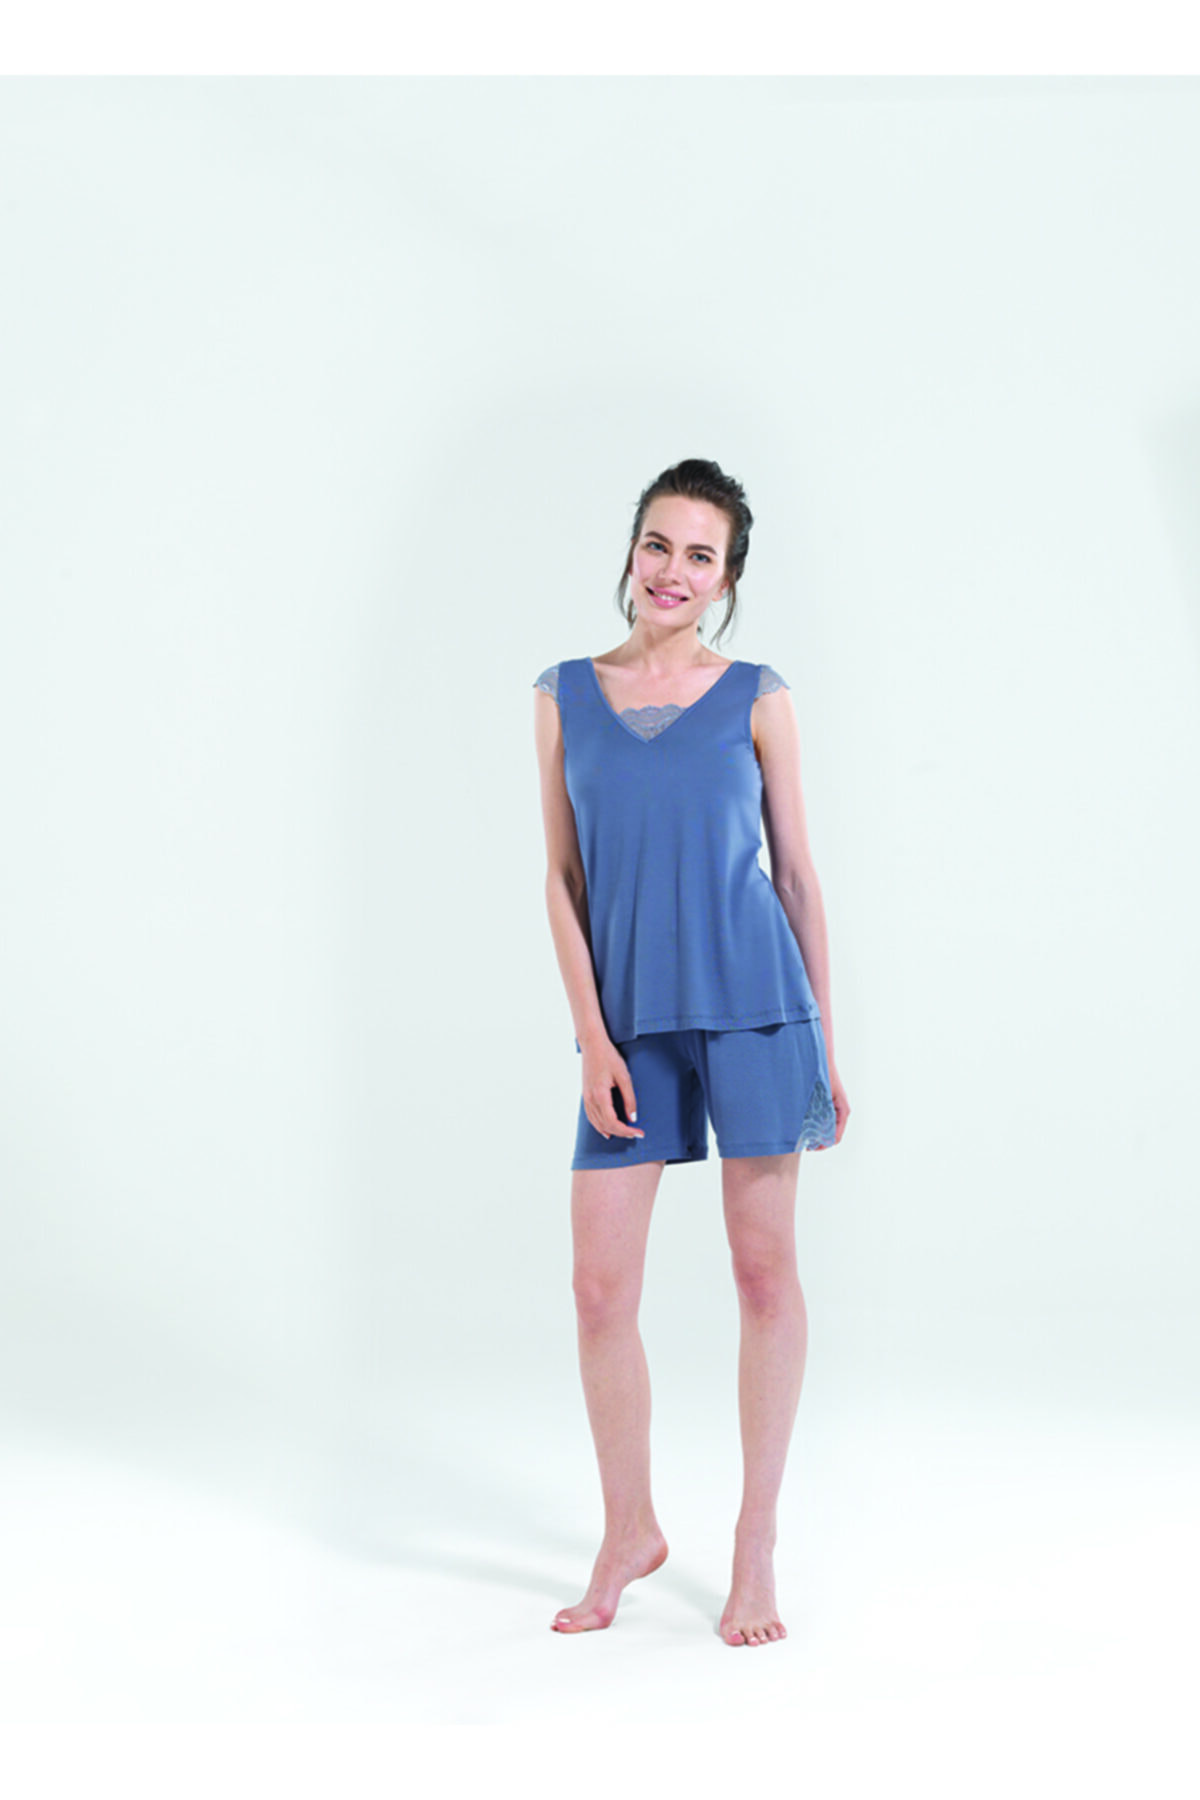 Blackspade Kadın Kısa Pijama Takımı 50124 - Antrasit 1